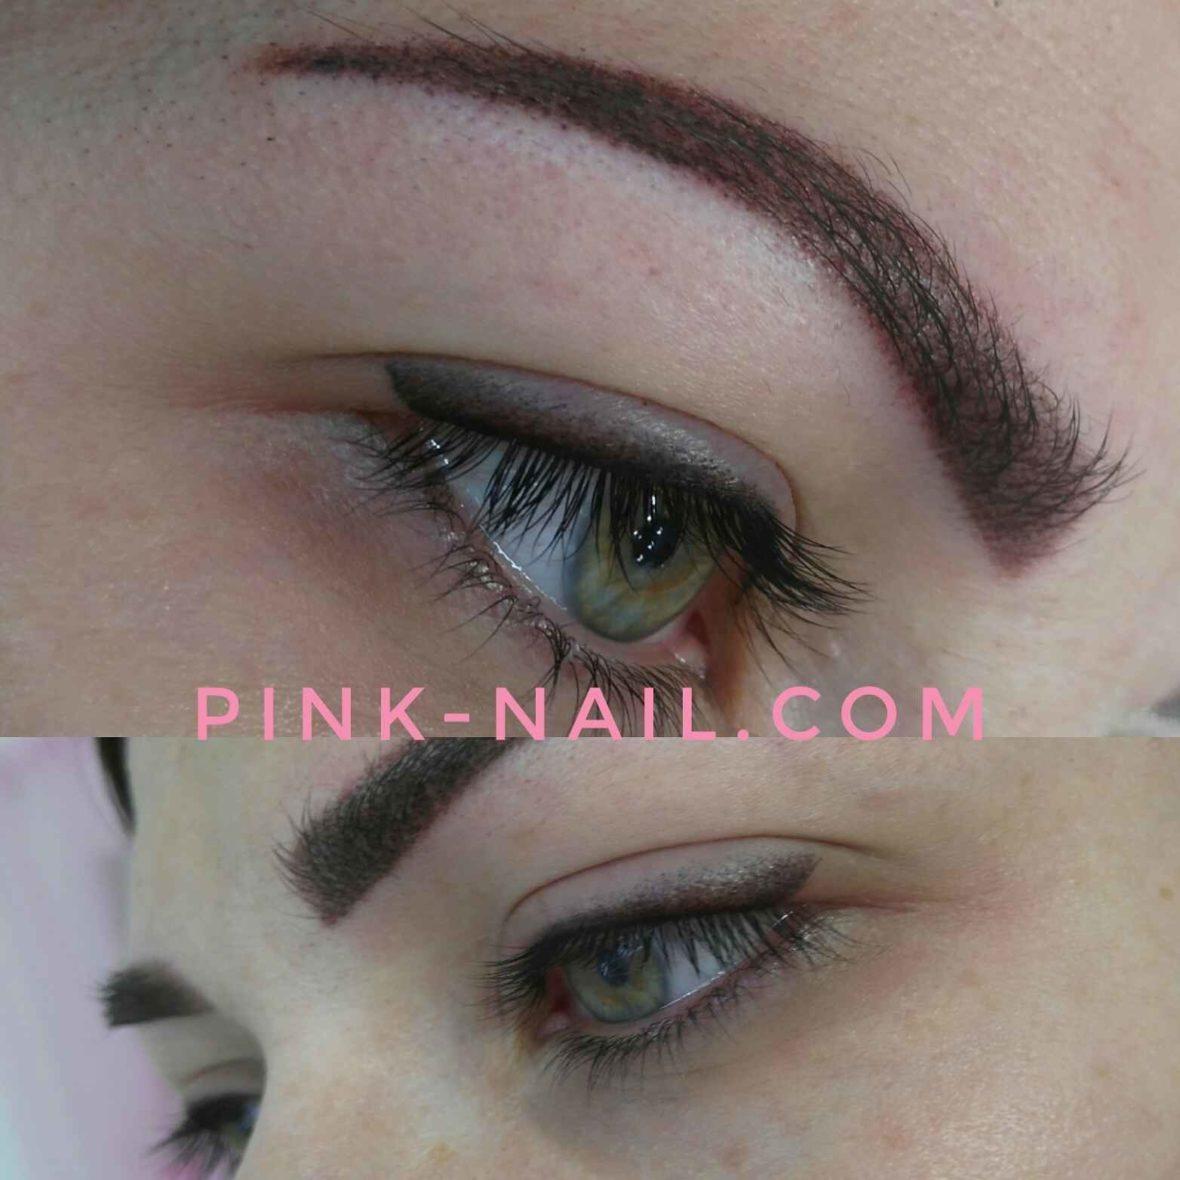 веки, брови перманентный макияж розовая пантера